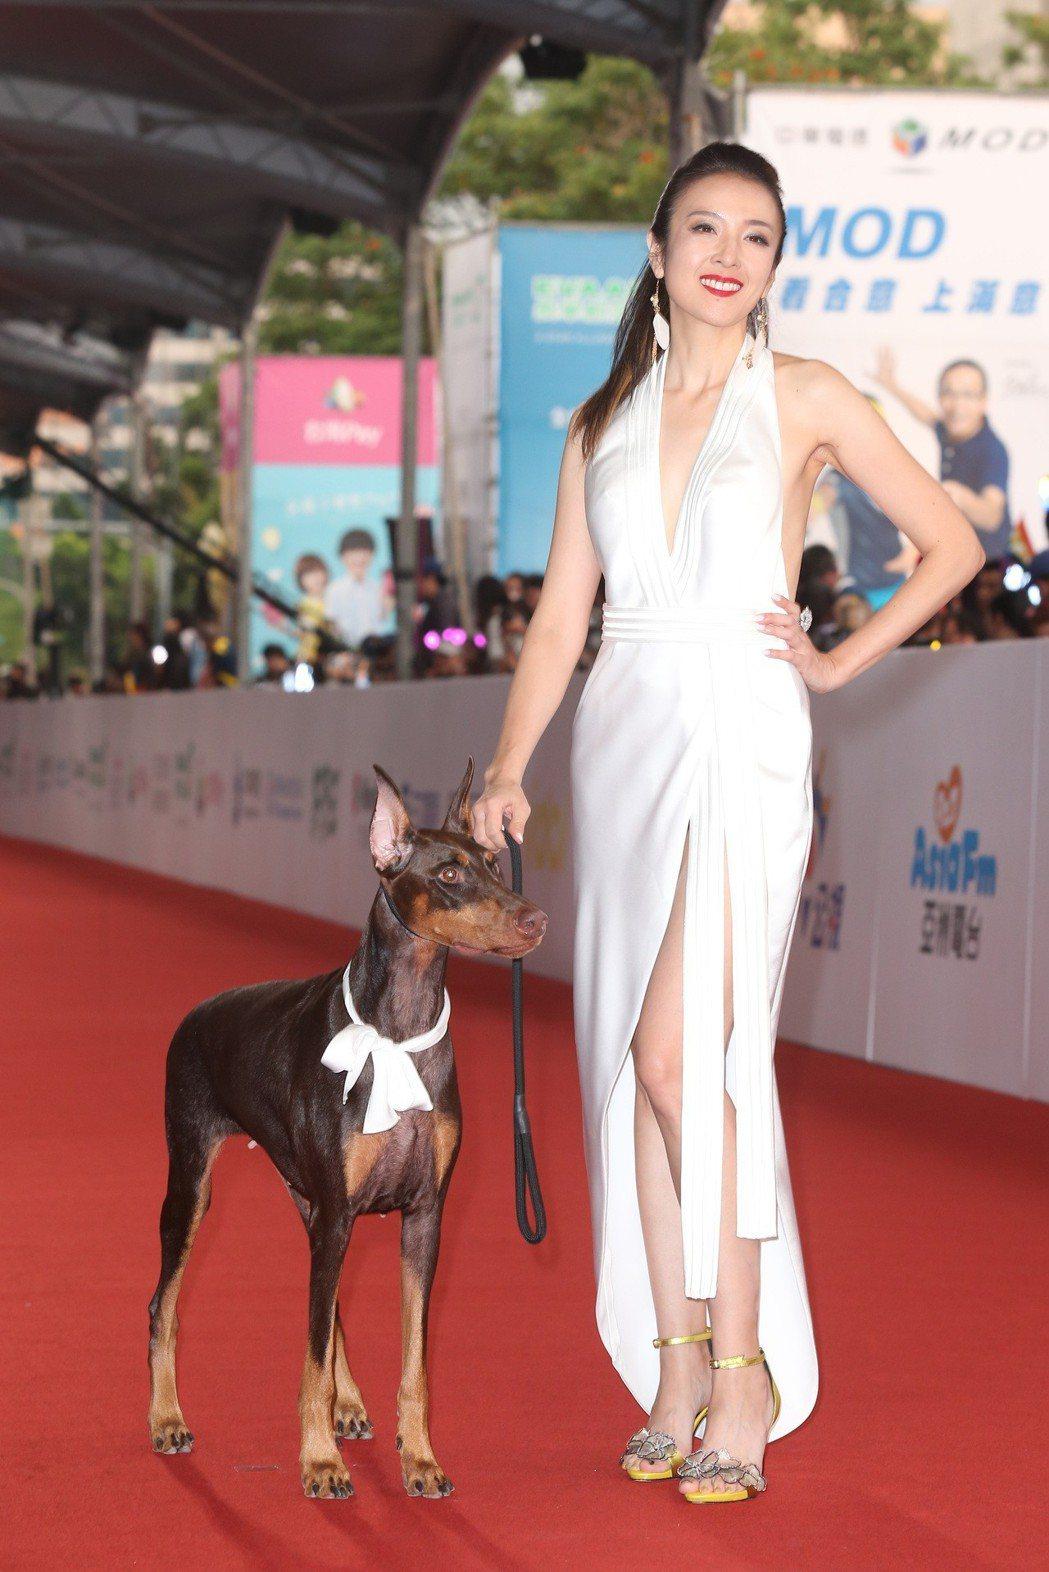 第五十三屆金鐘獎,安妮走星光大道。記者陳立凱/攝影